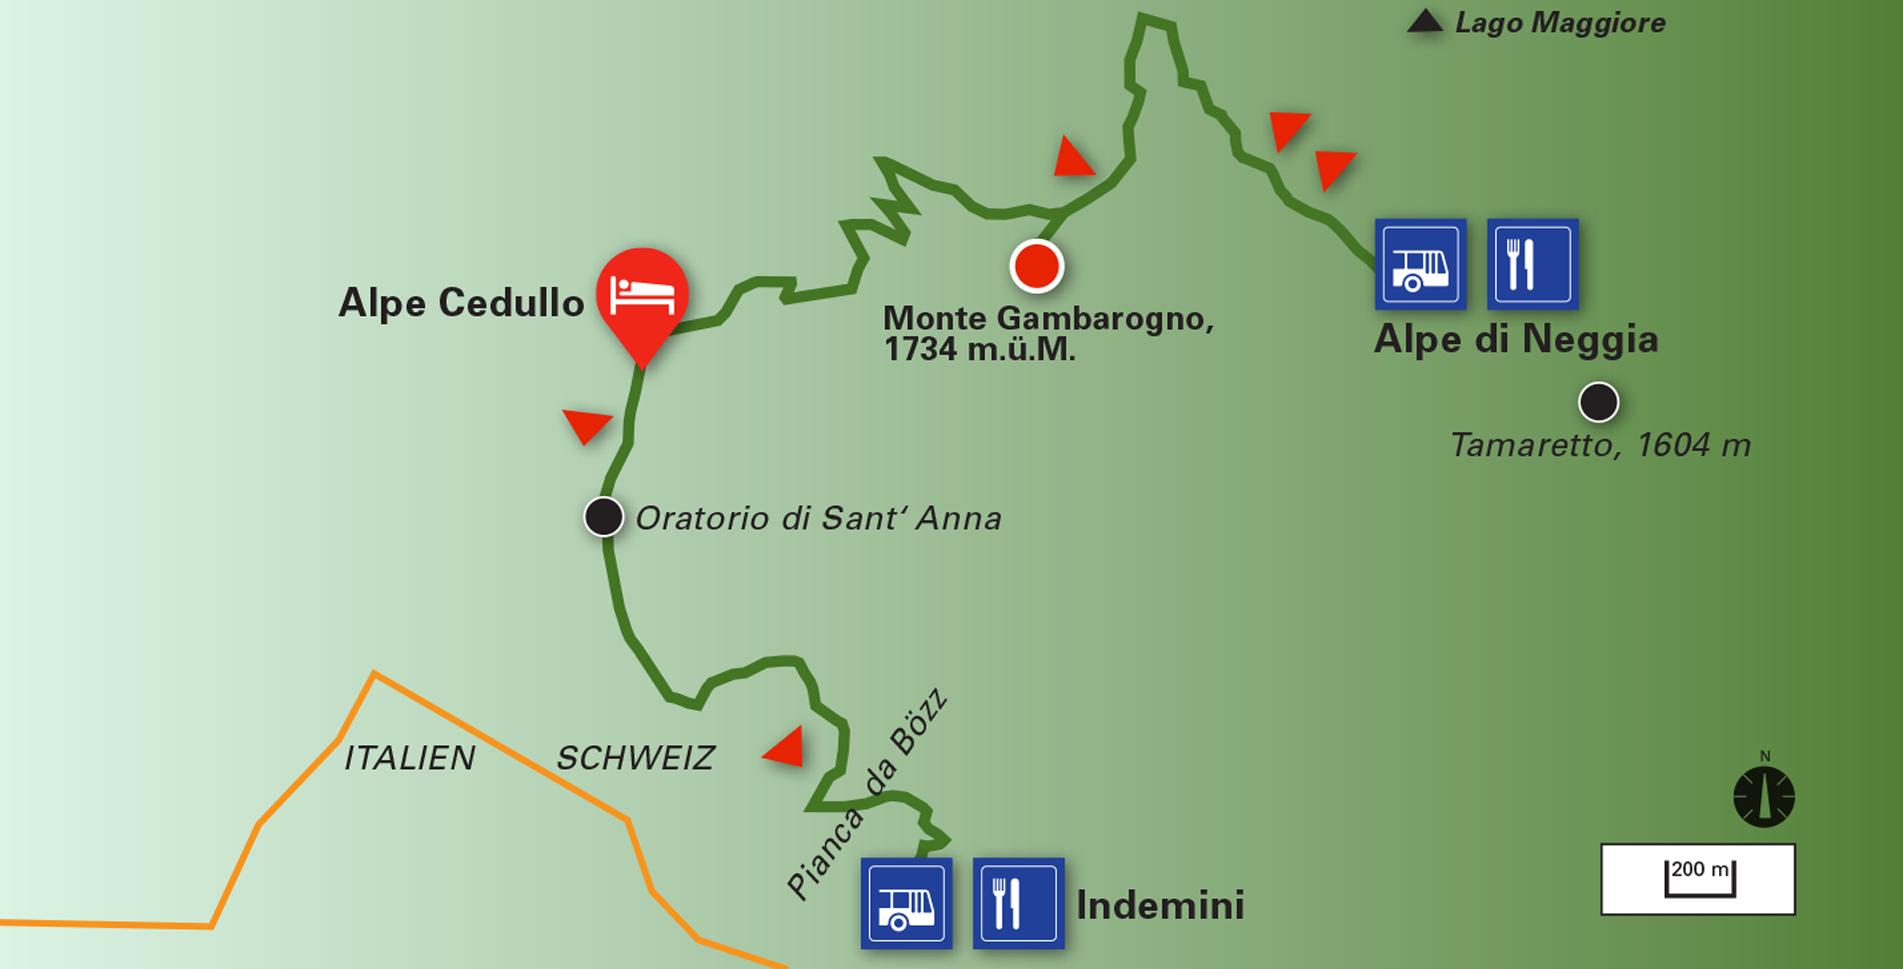 wanderkarte_alpe_di_neggia_monte_gambarogno_indemini